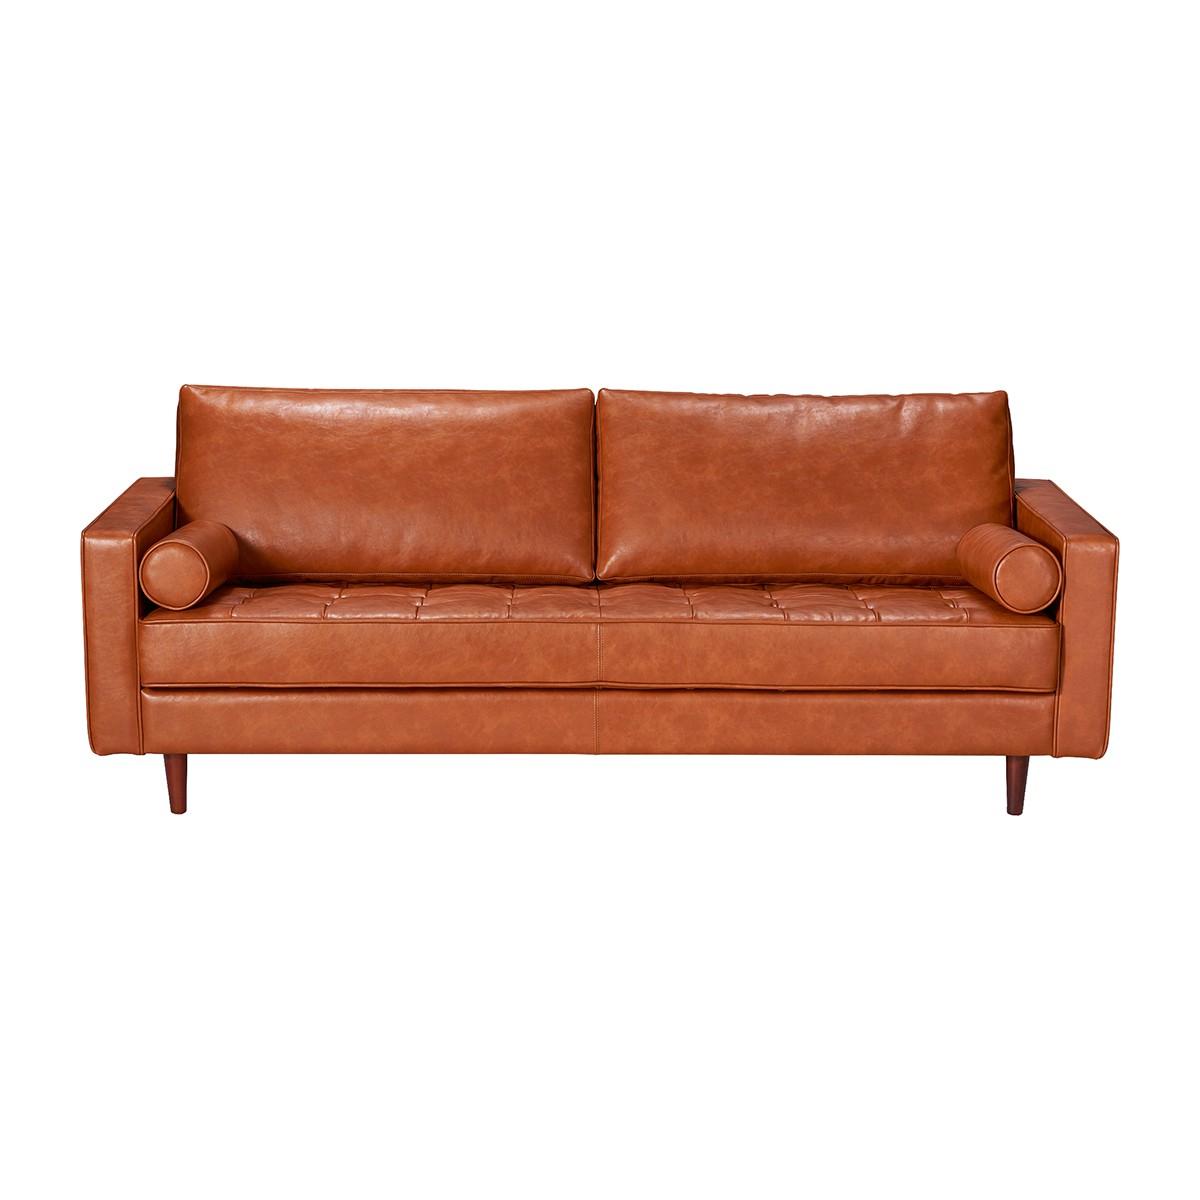 Tan Leather Sofa Au Patio Ideas